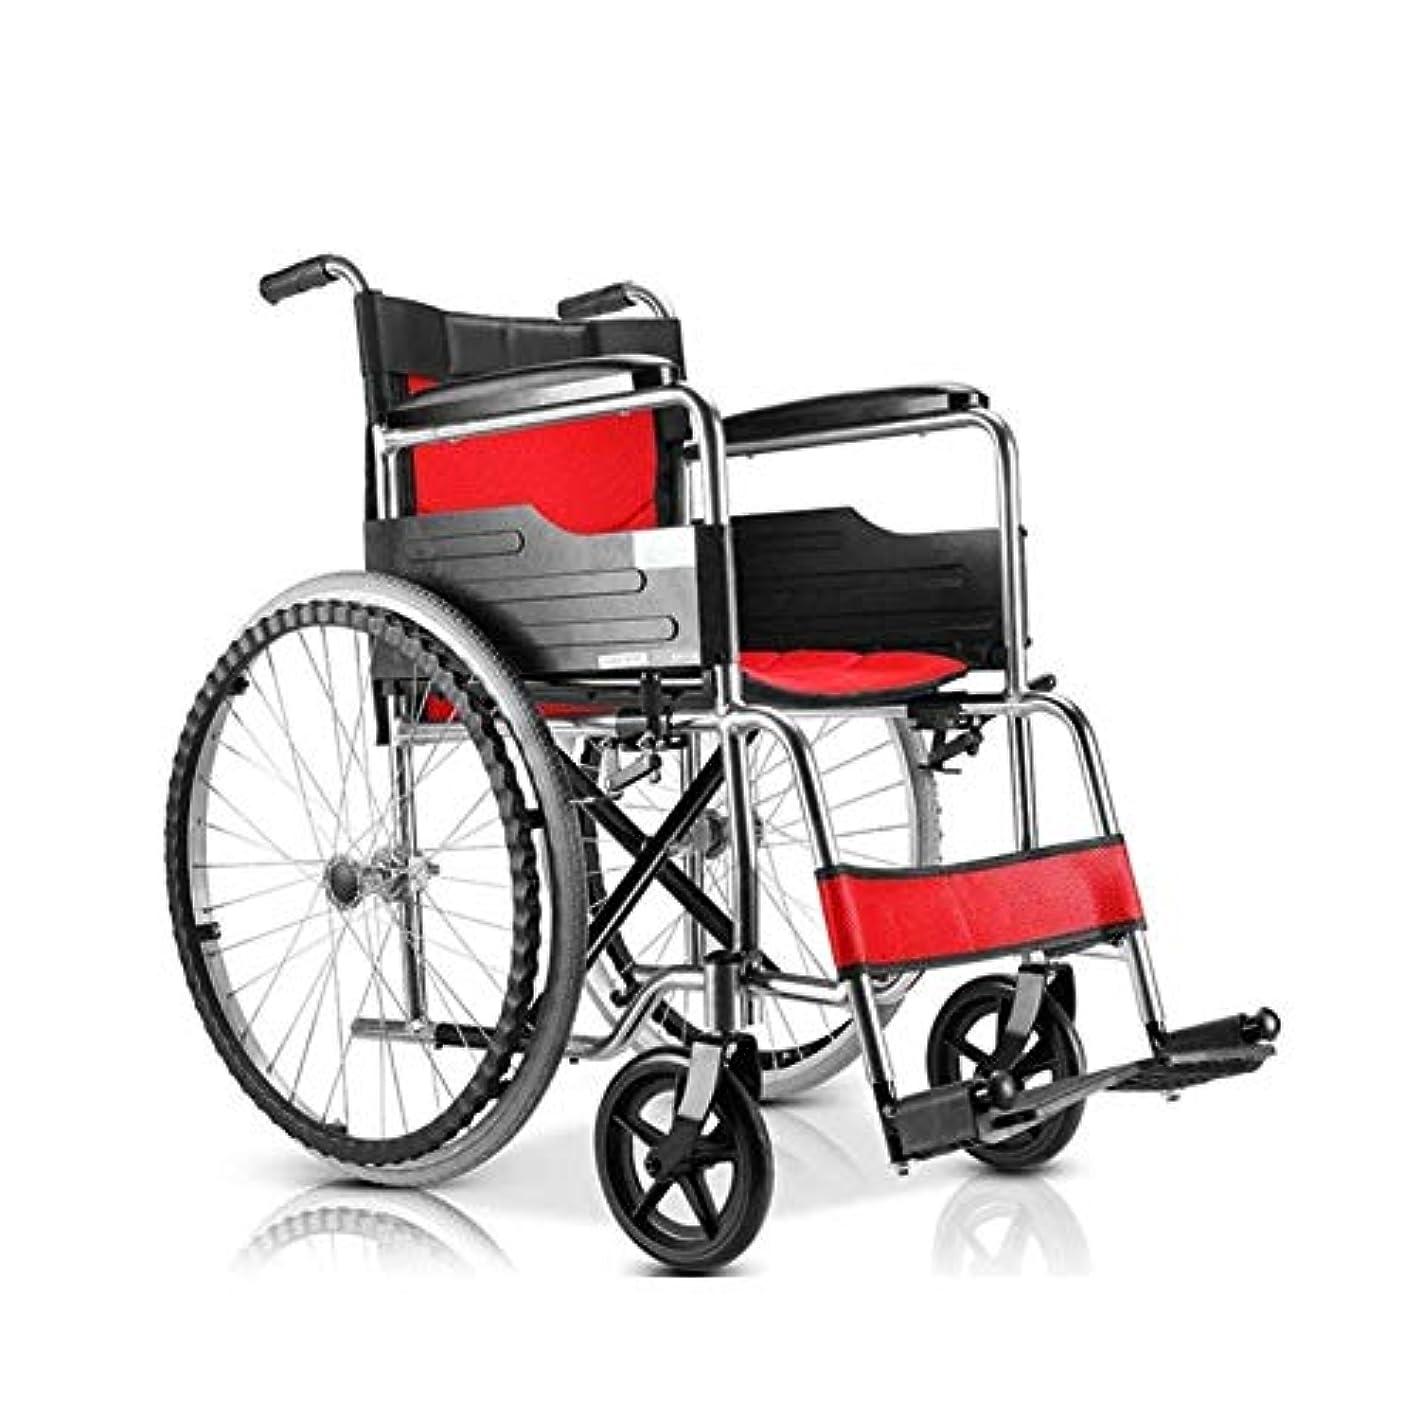 軽蔑する先行する超える自走式車椅子、高齢者、身体障害者、身体障害者向けの軽量モビリティデバイス、ポータブル車椅子